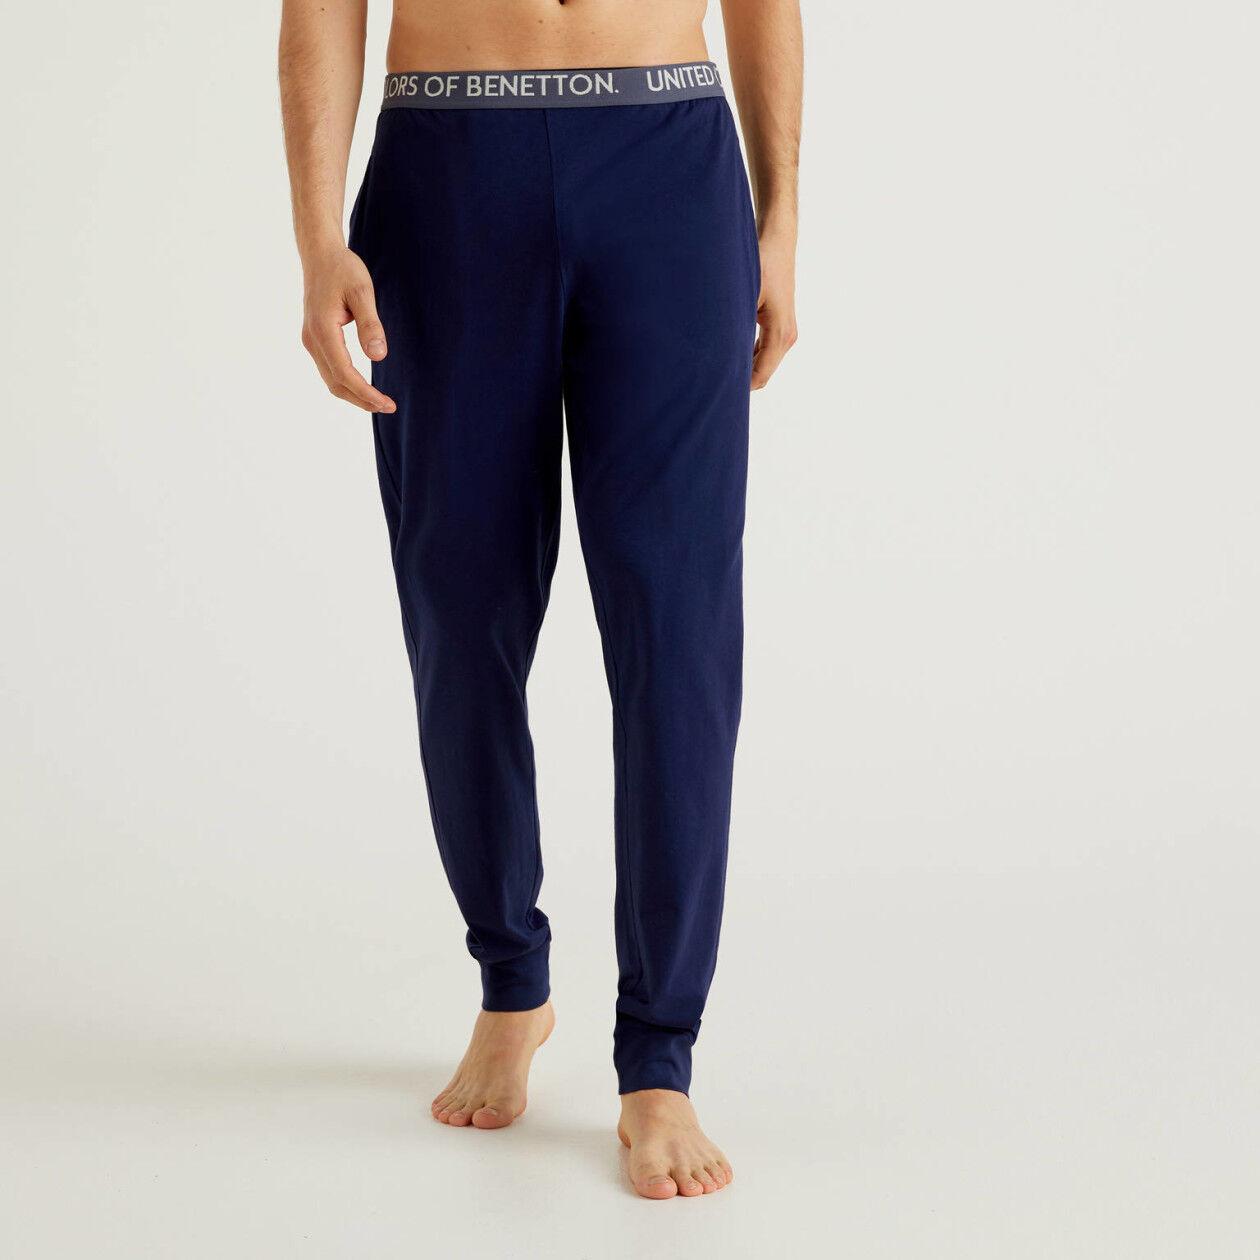 Pantalón con elástico con logotipo